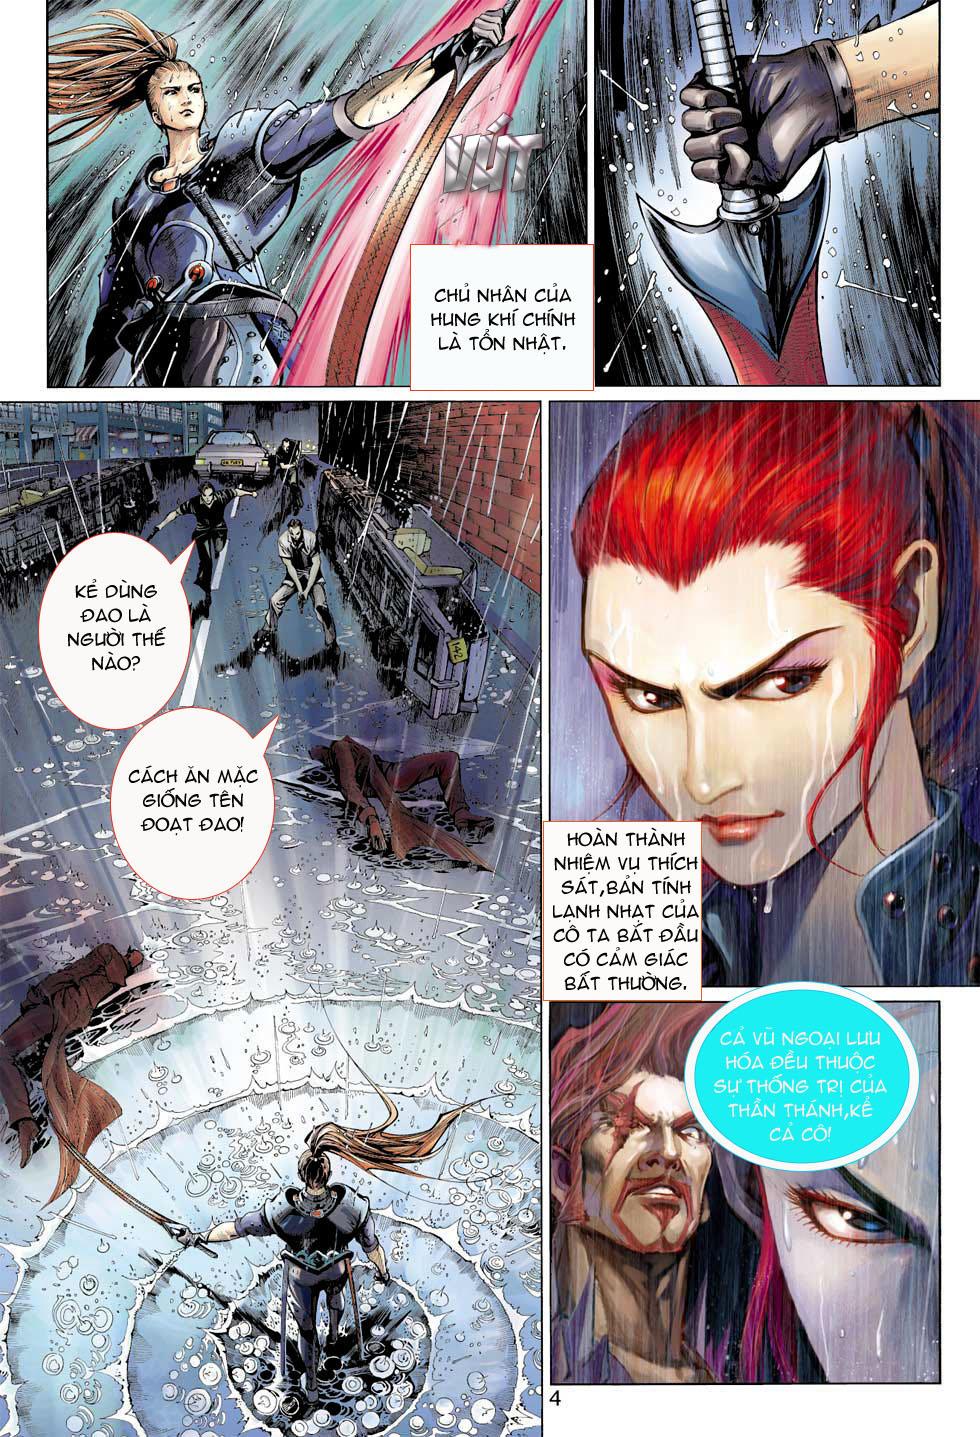 Thần Binh 4 chap 8 - Trang 4